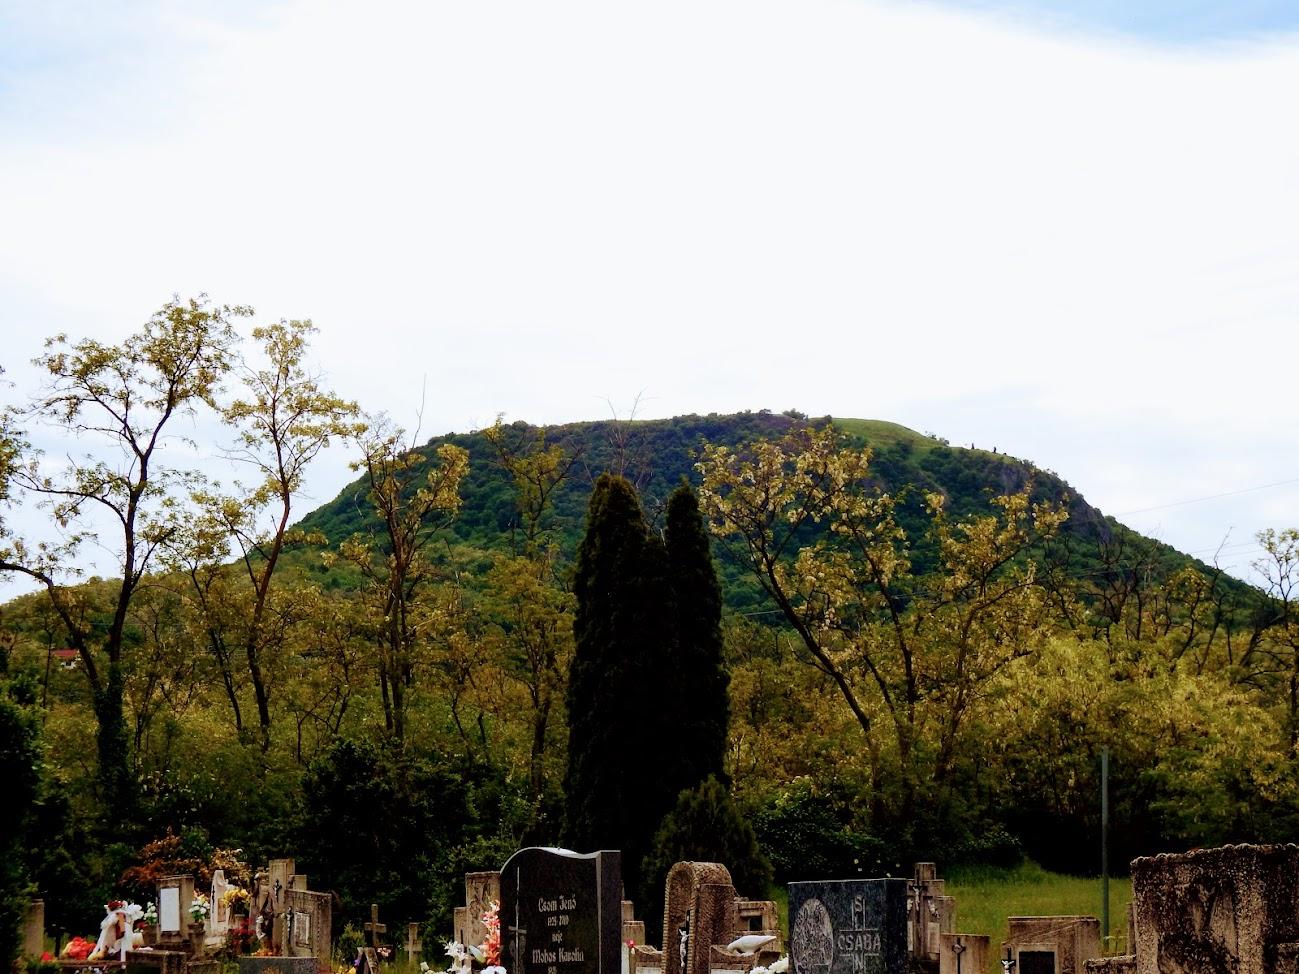 Tapolca-Diszel - Temetőkápolna és keresztút a temetőben